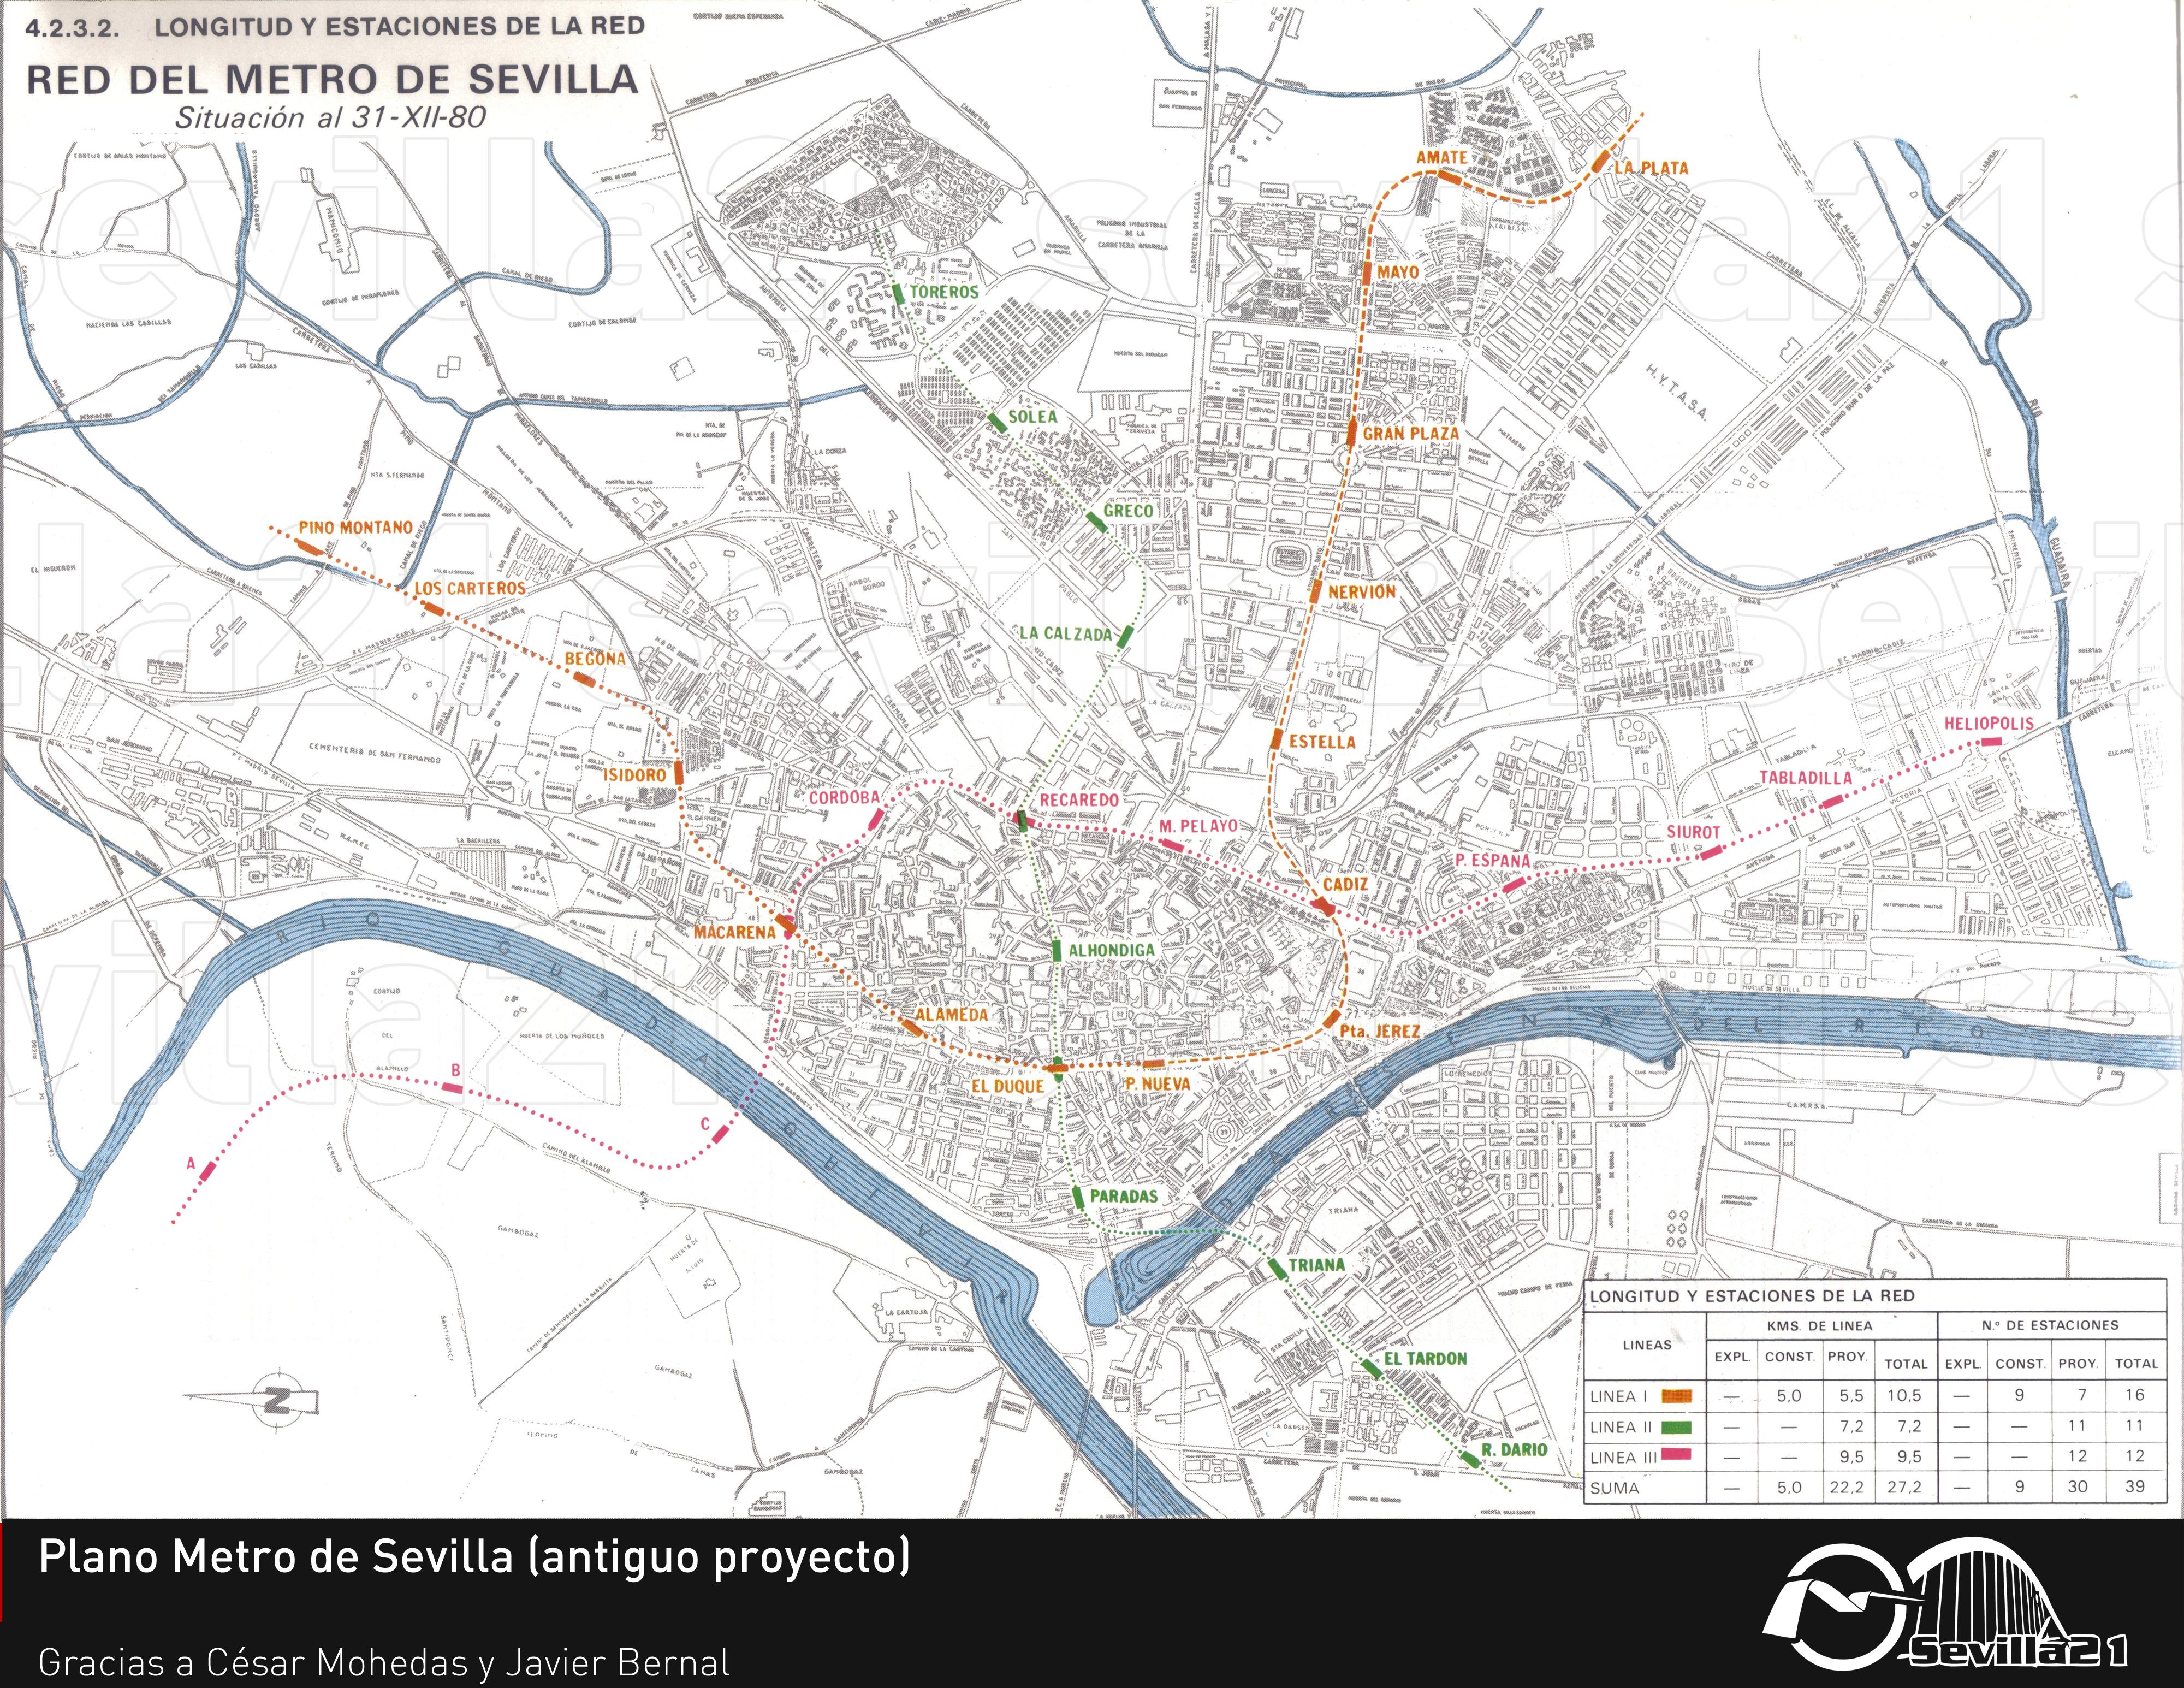 Red del metro de Sevilla 1980